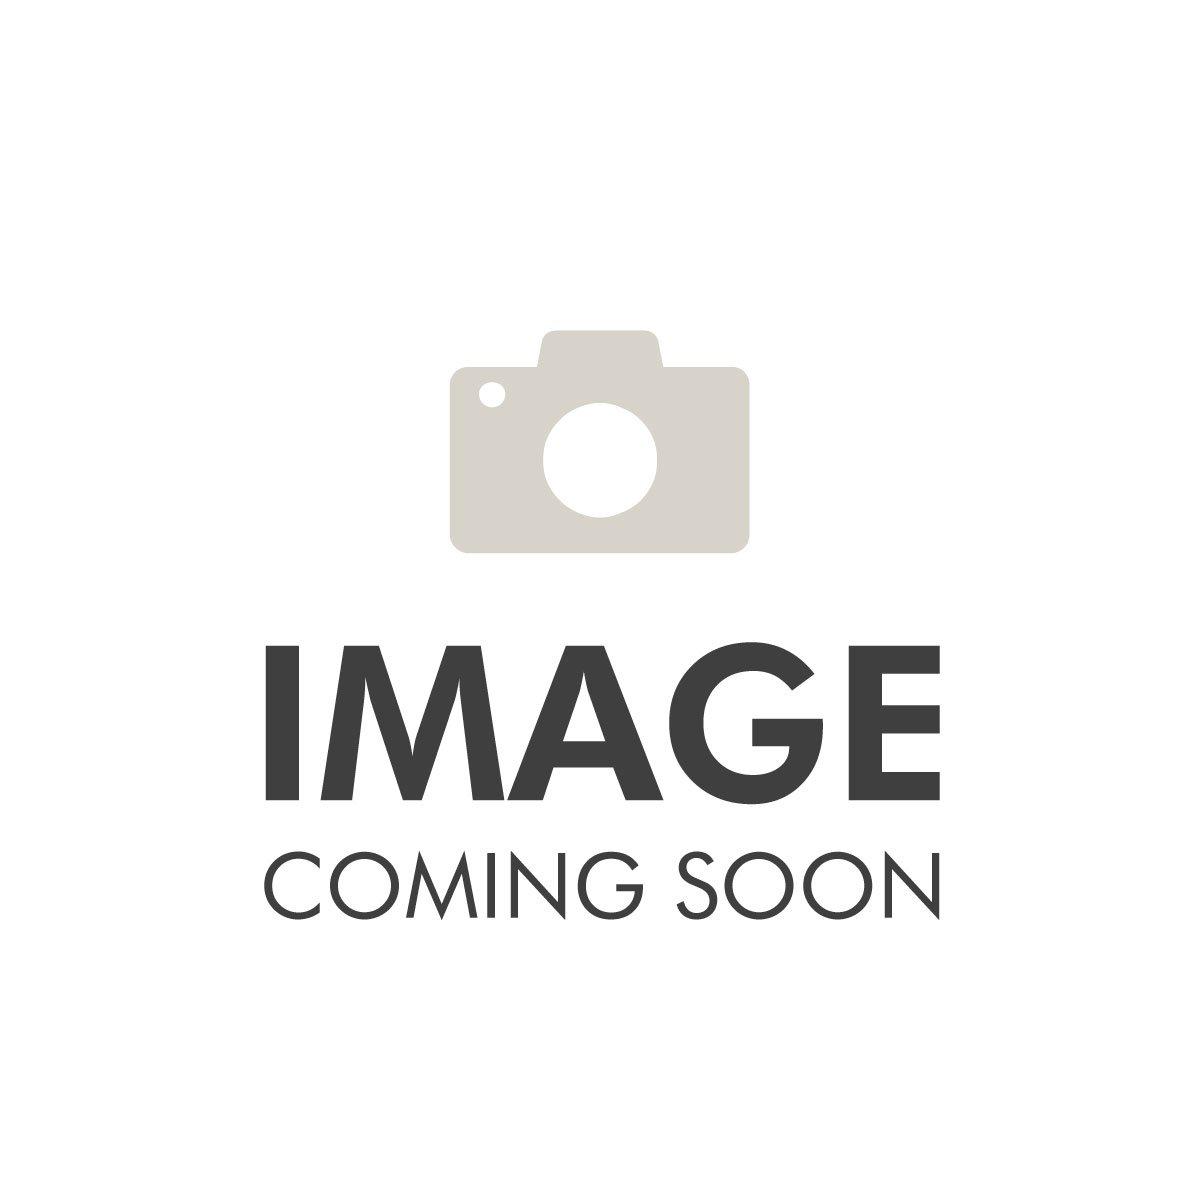 PBT - Poignée isolée - Hongroise - Modèle K